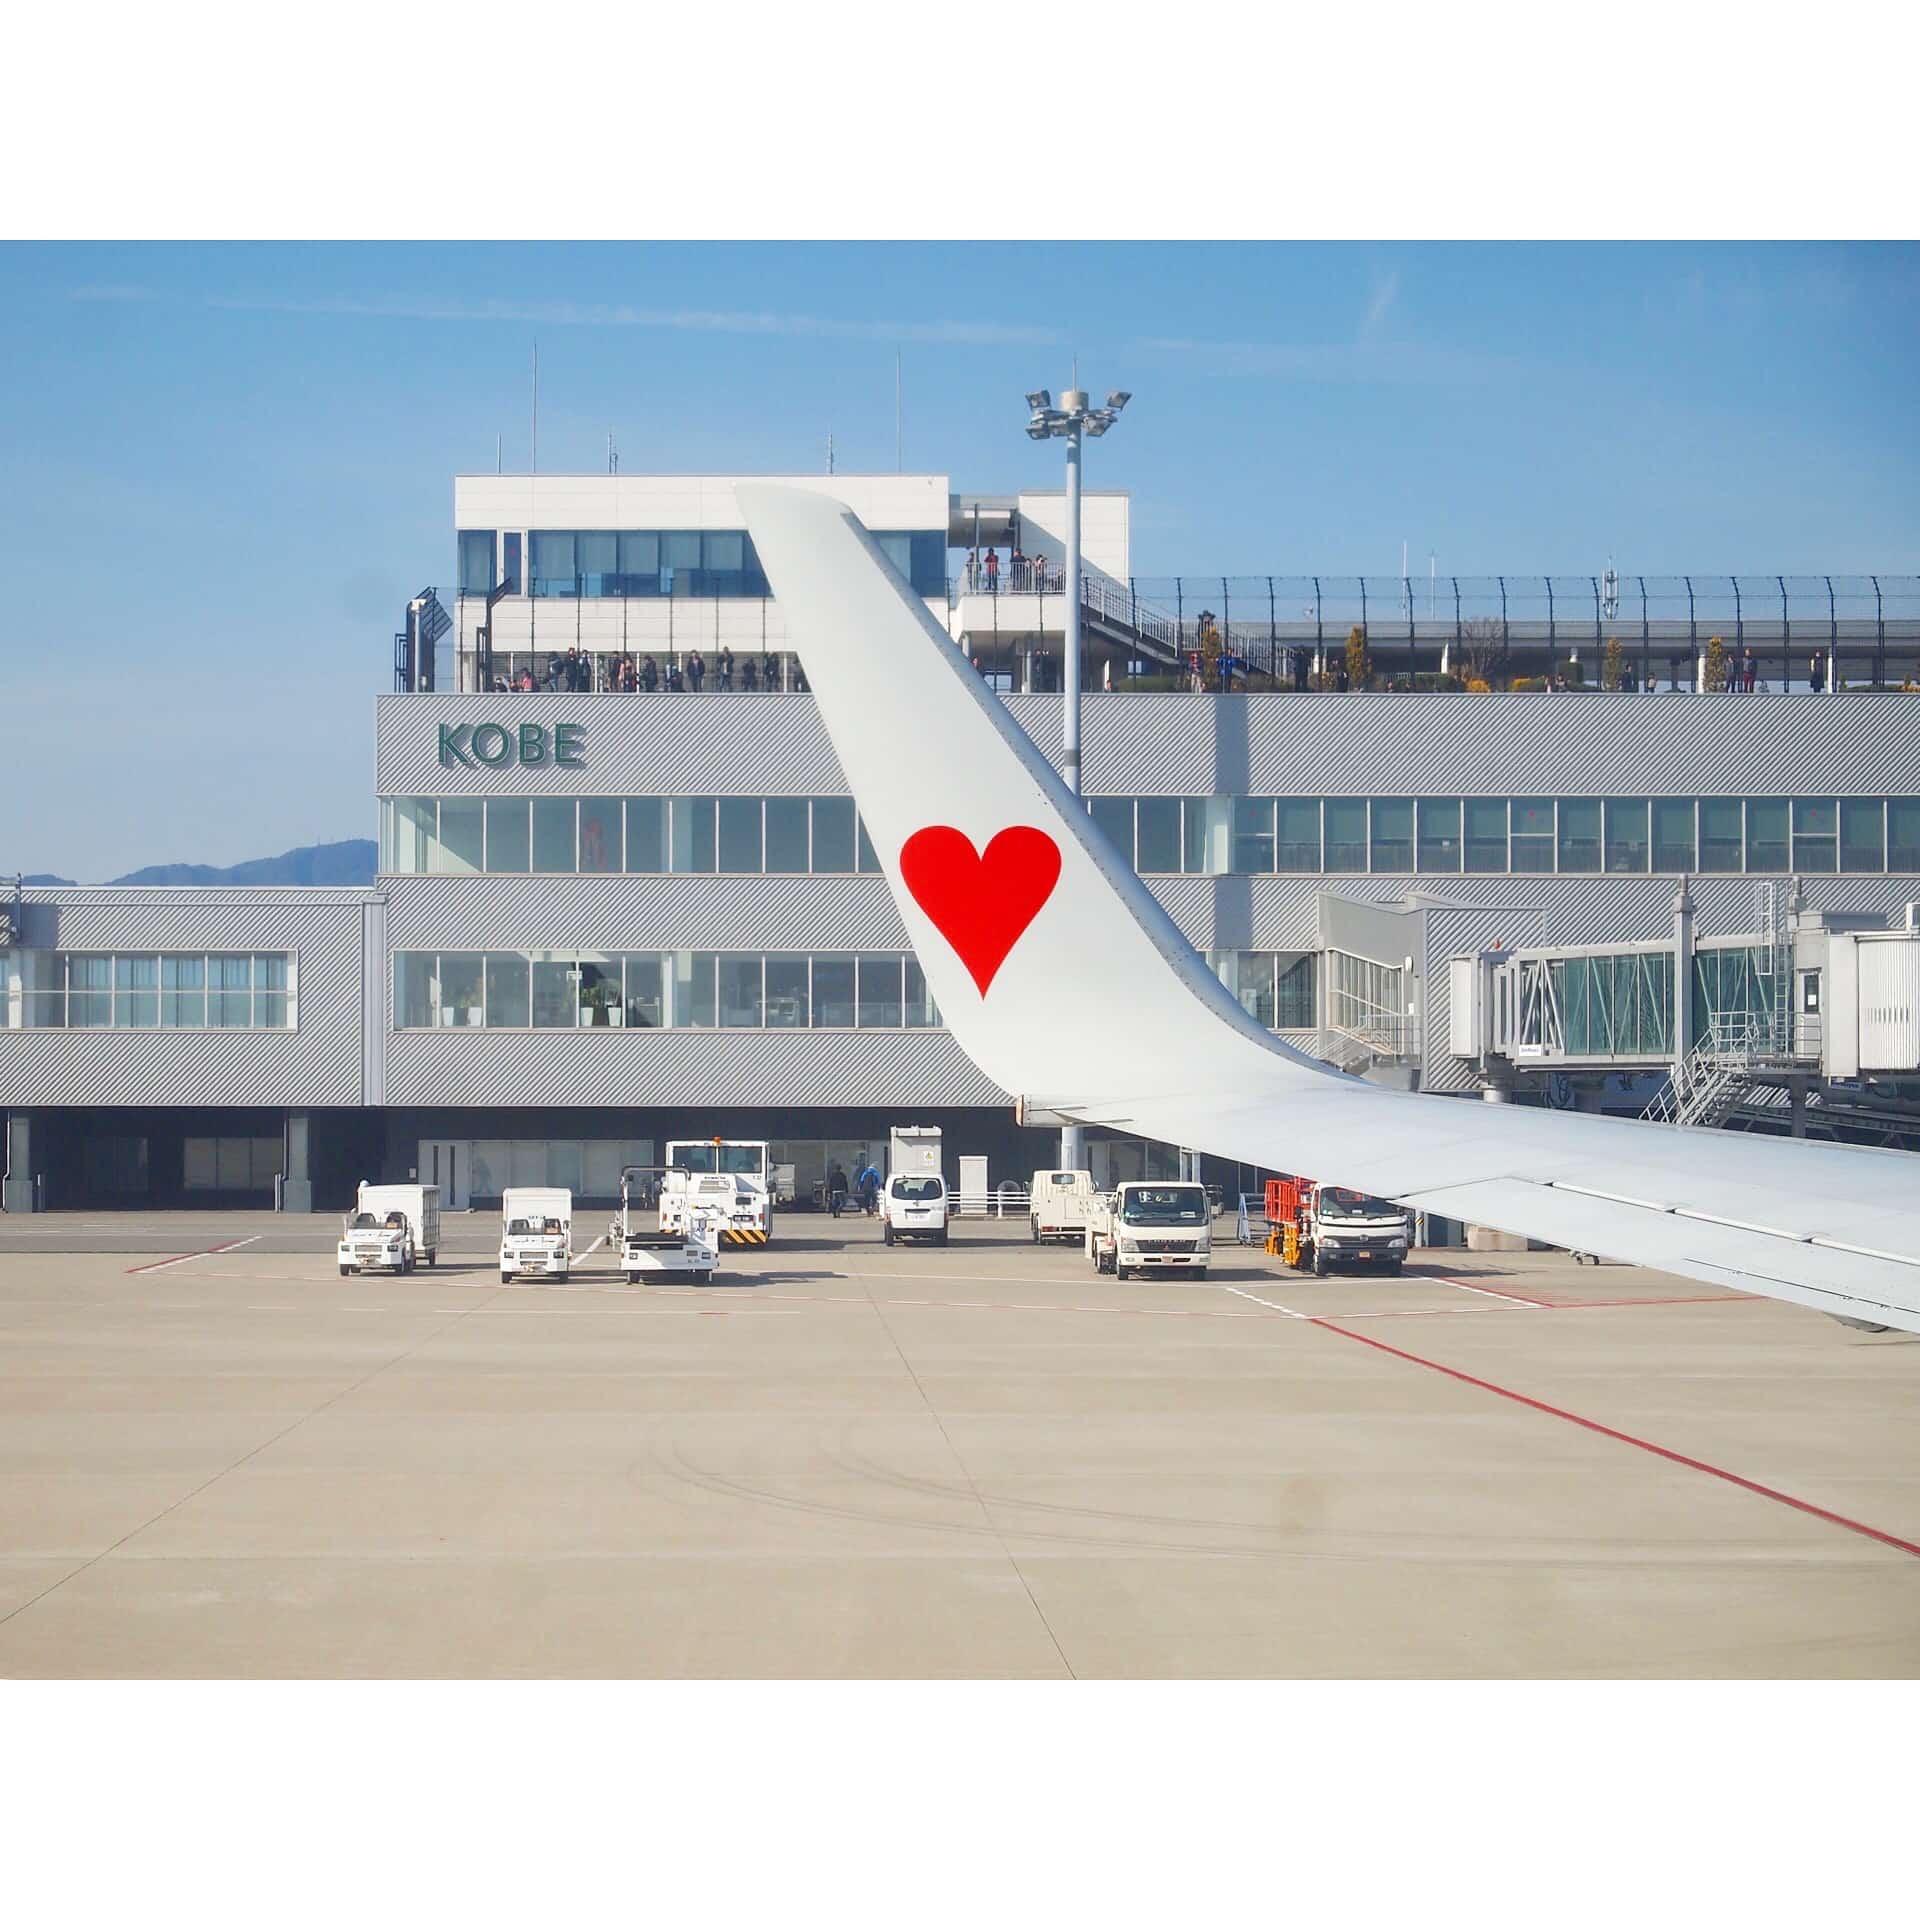 11月4日「神戸空港空の日イベント2018」開催!ANAやスカイマークなどの特別体験もできるスペシャルイベント